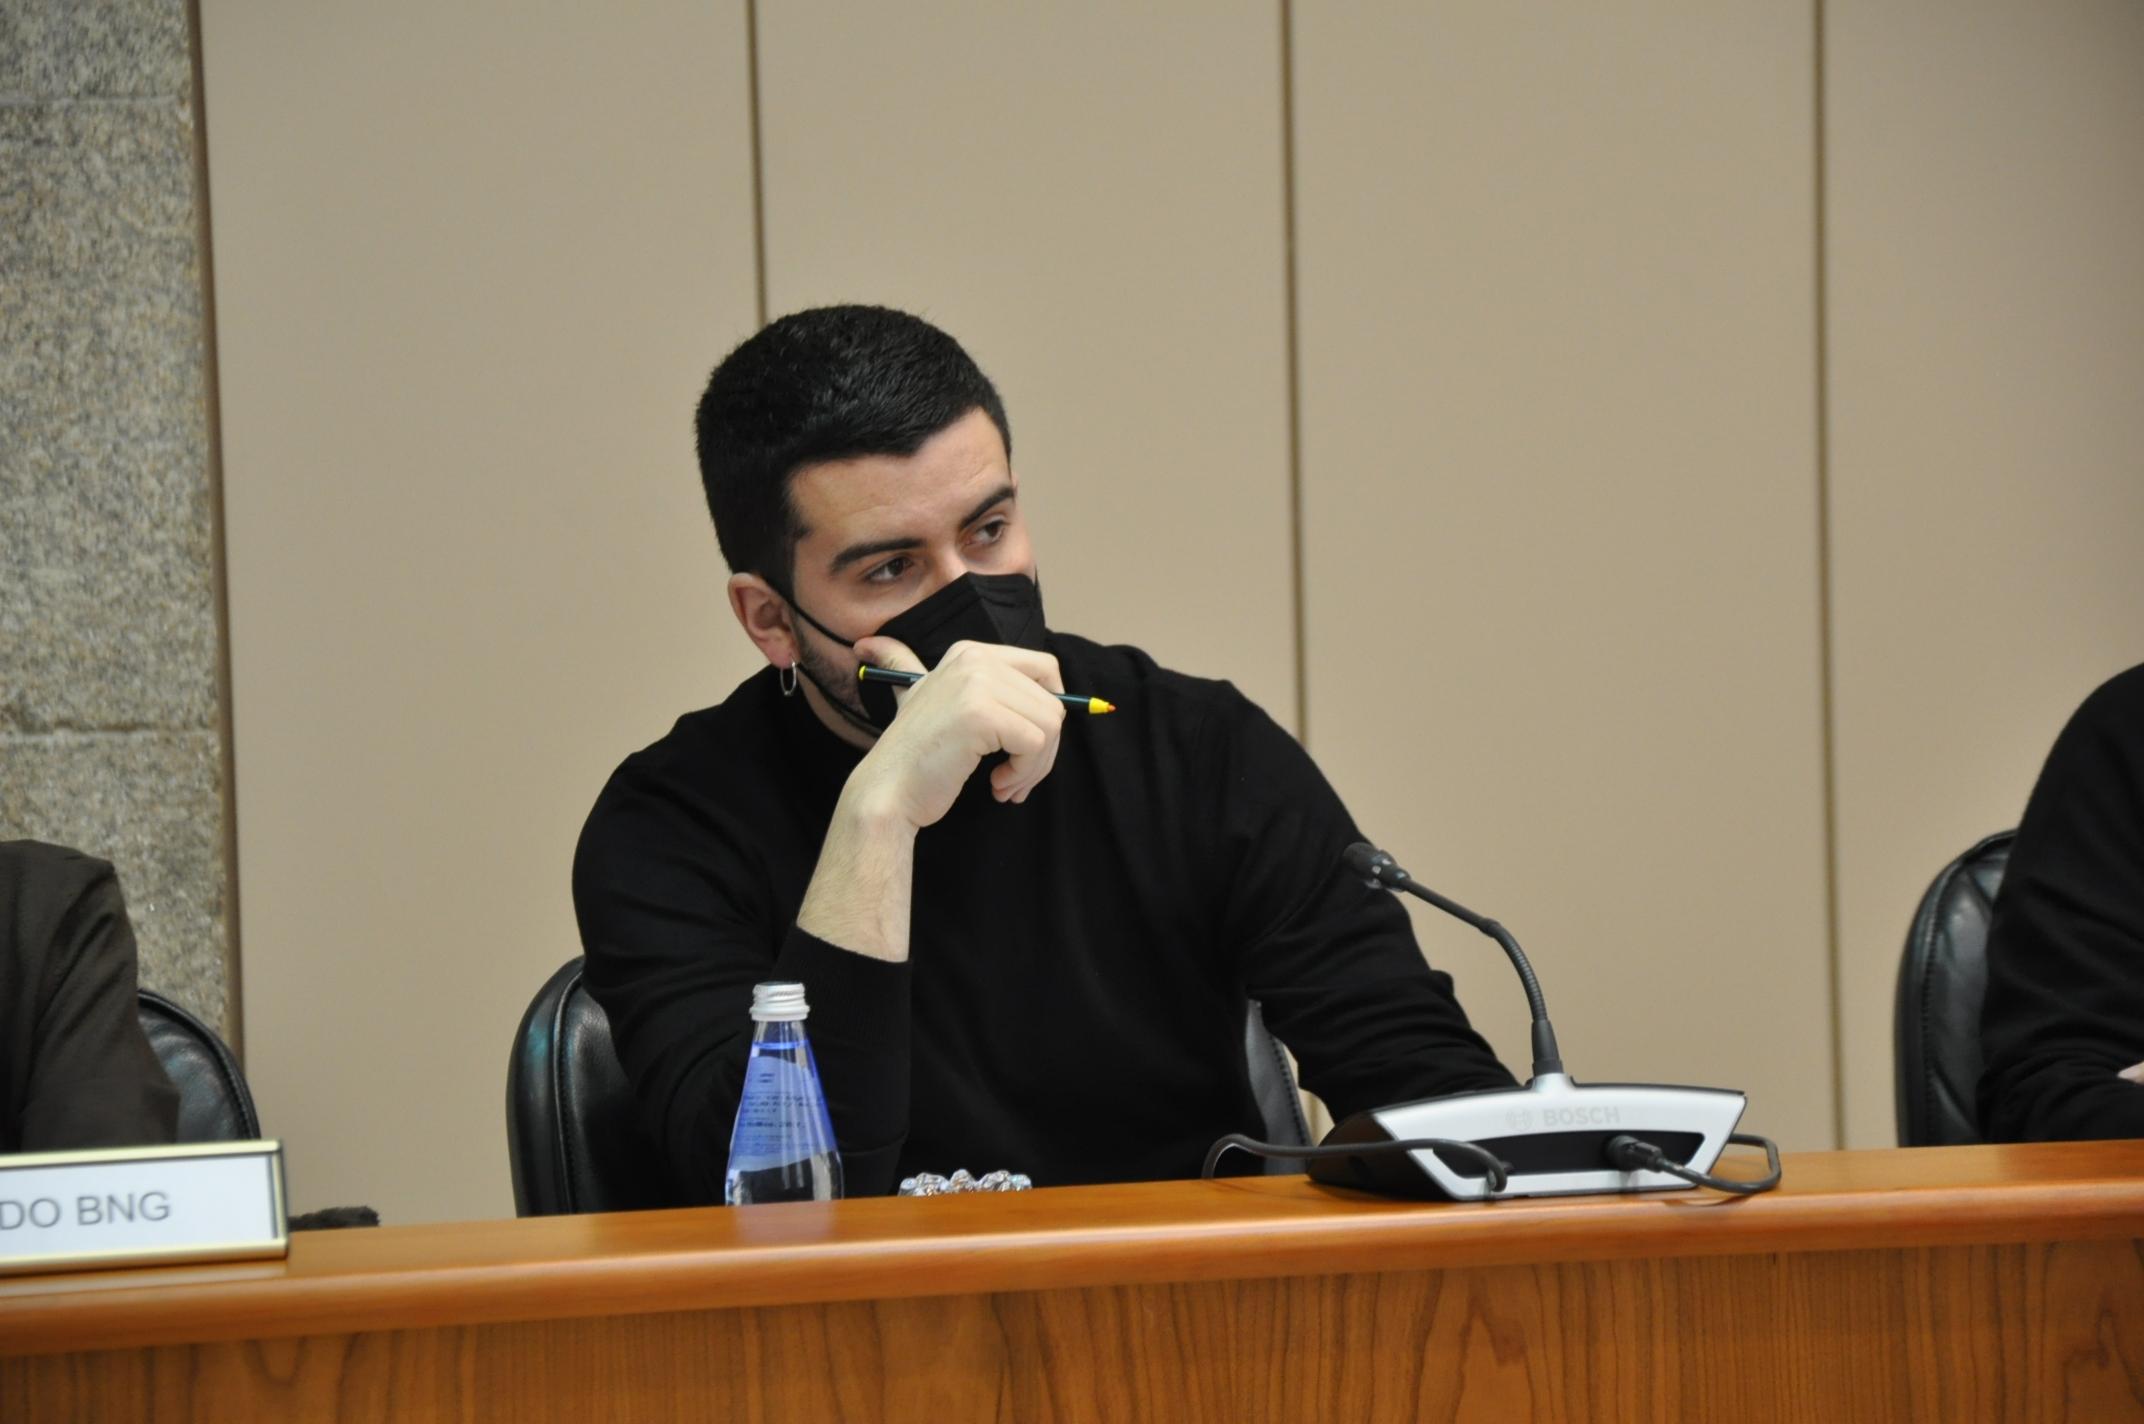 O BNG reclama á Xunta que dote de servizo de pediatría a Alfoz e O Valadouro e cubra as prazas vacantes no resto da Mariña